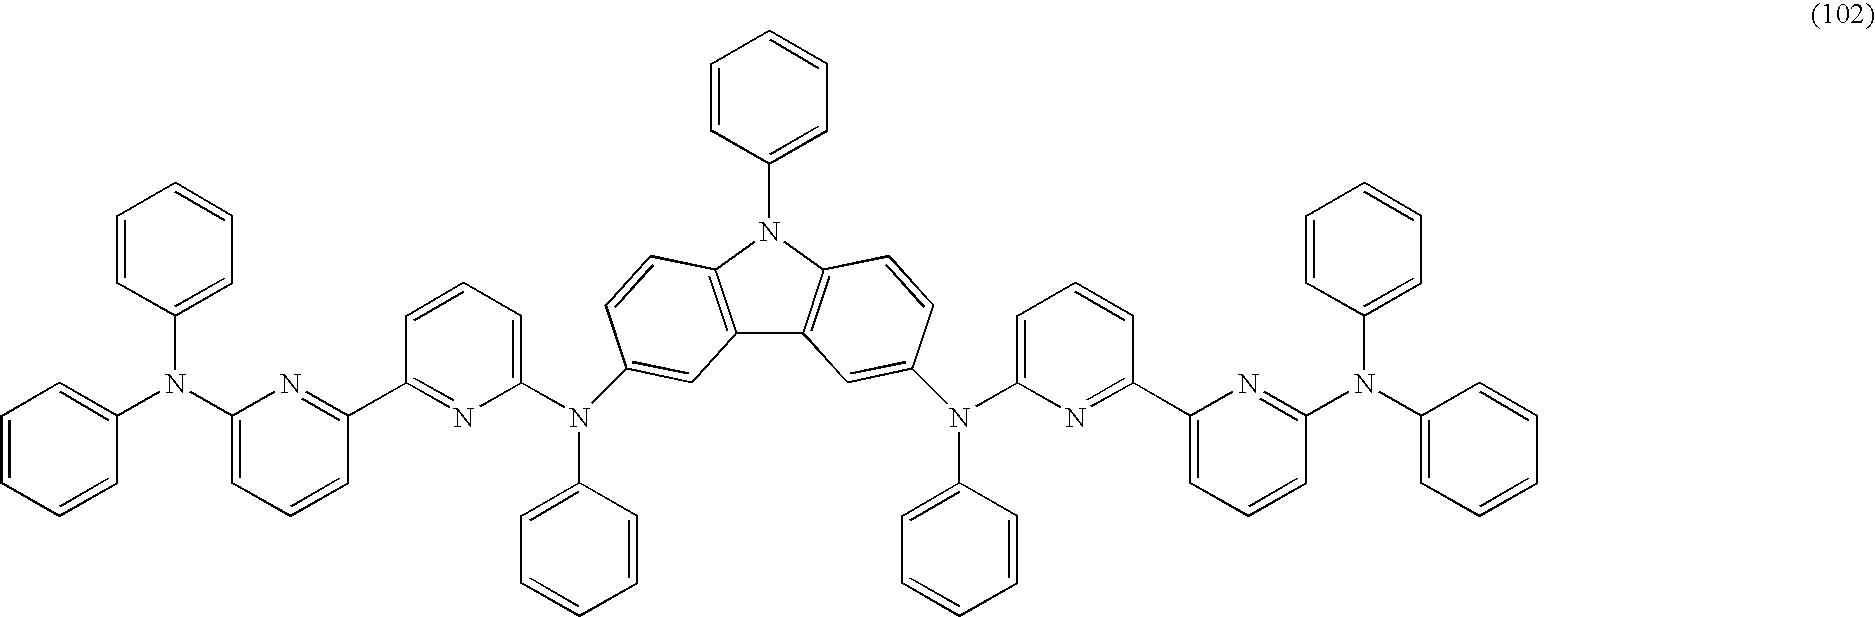 Figure US20090058267A1-20090305-C00035